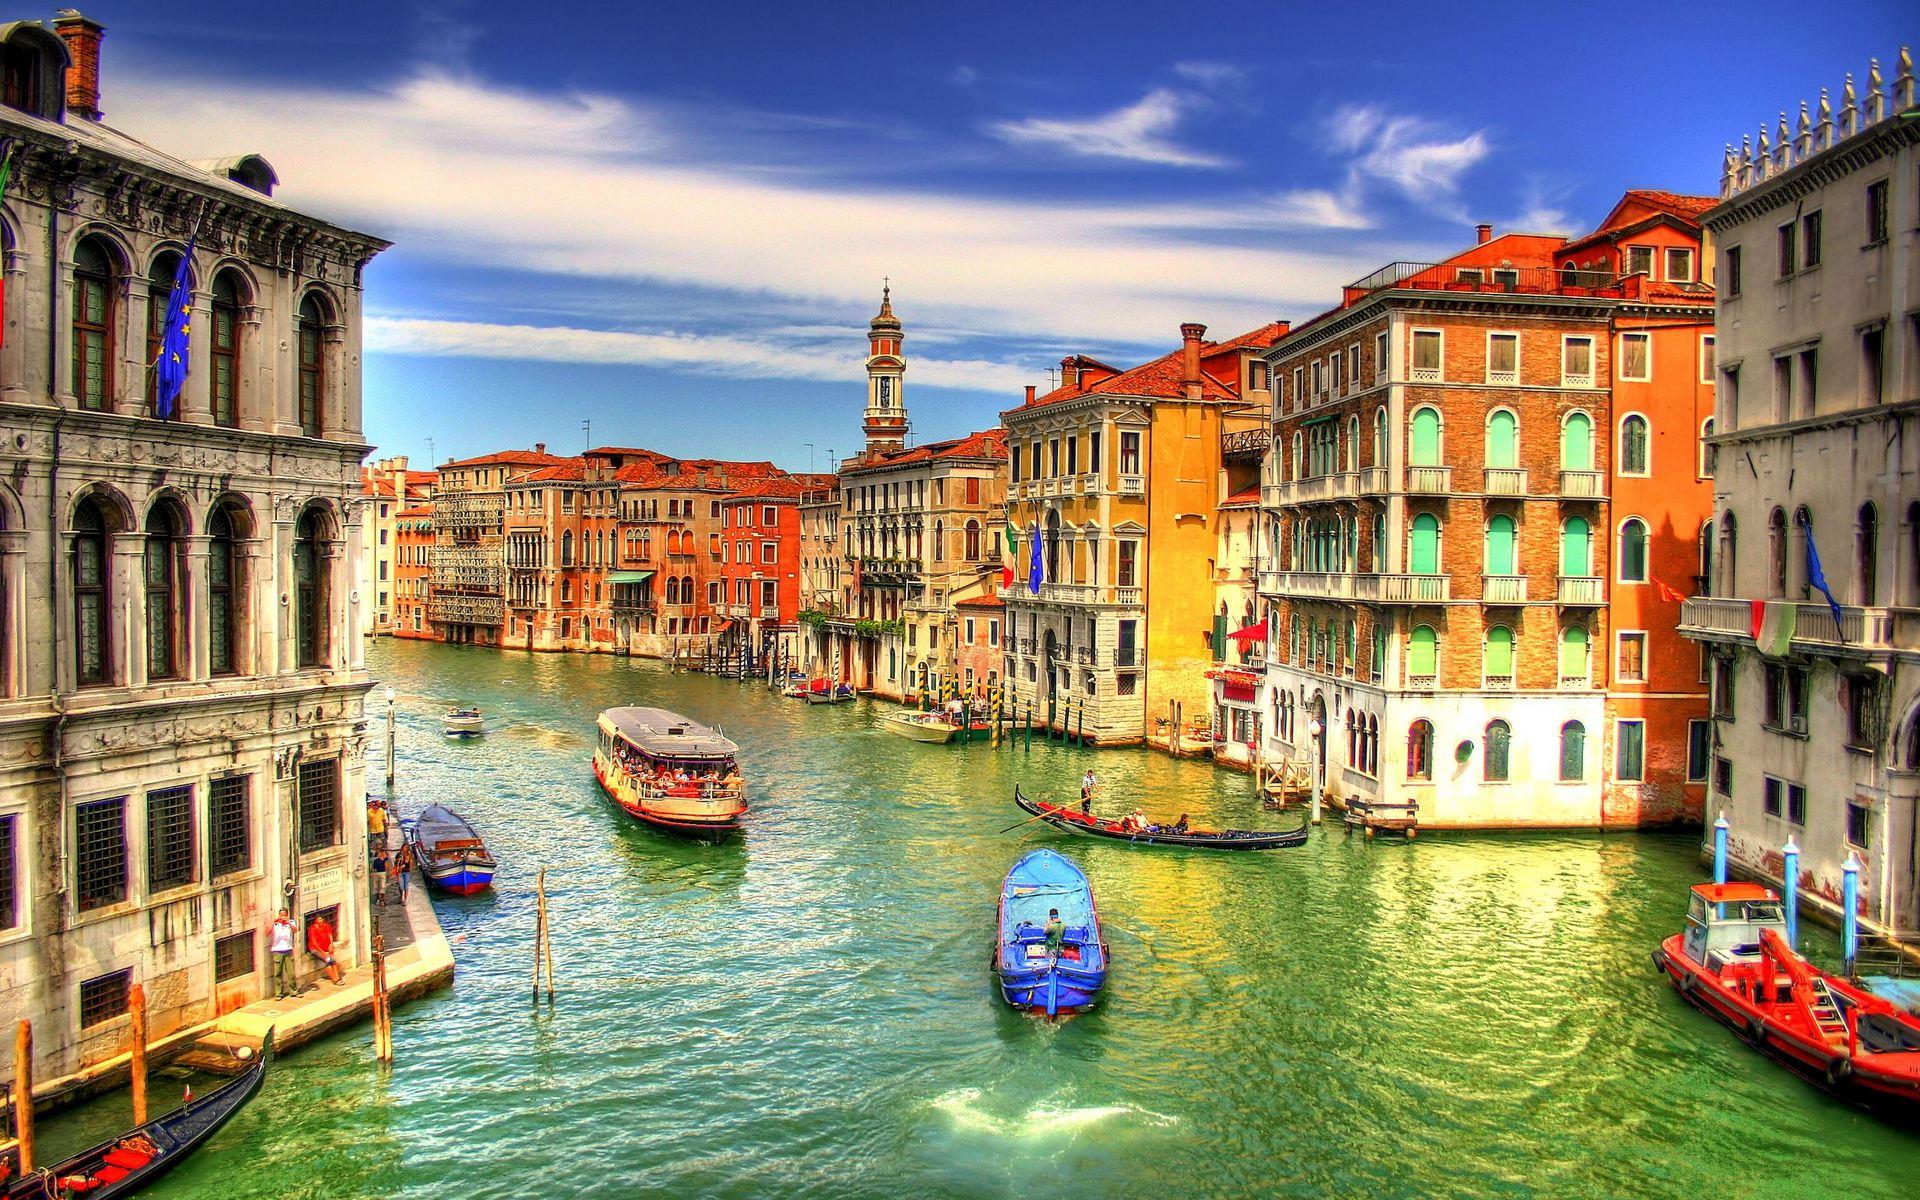 Путешествие по Италии с отдыхом на море всего от 512,60 руб.*/12 дней